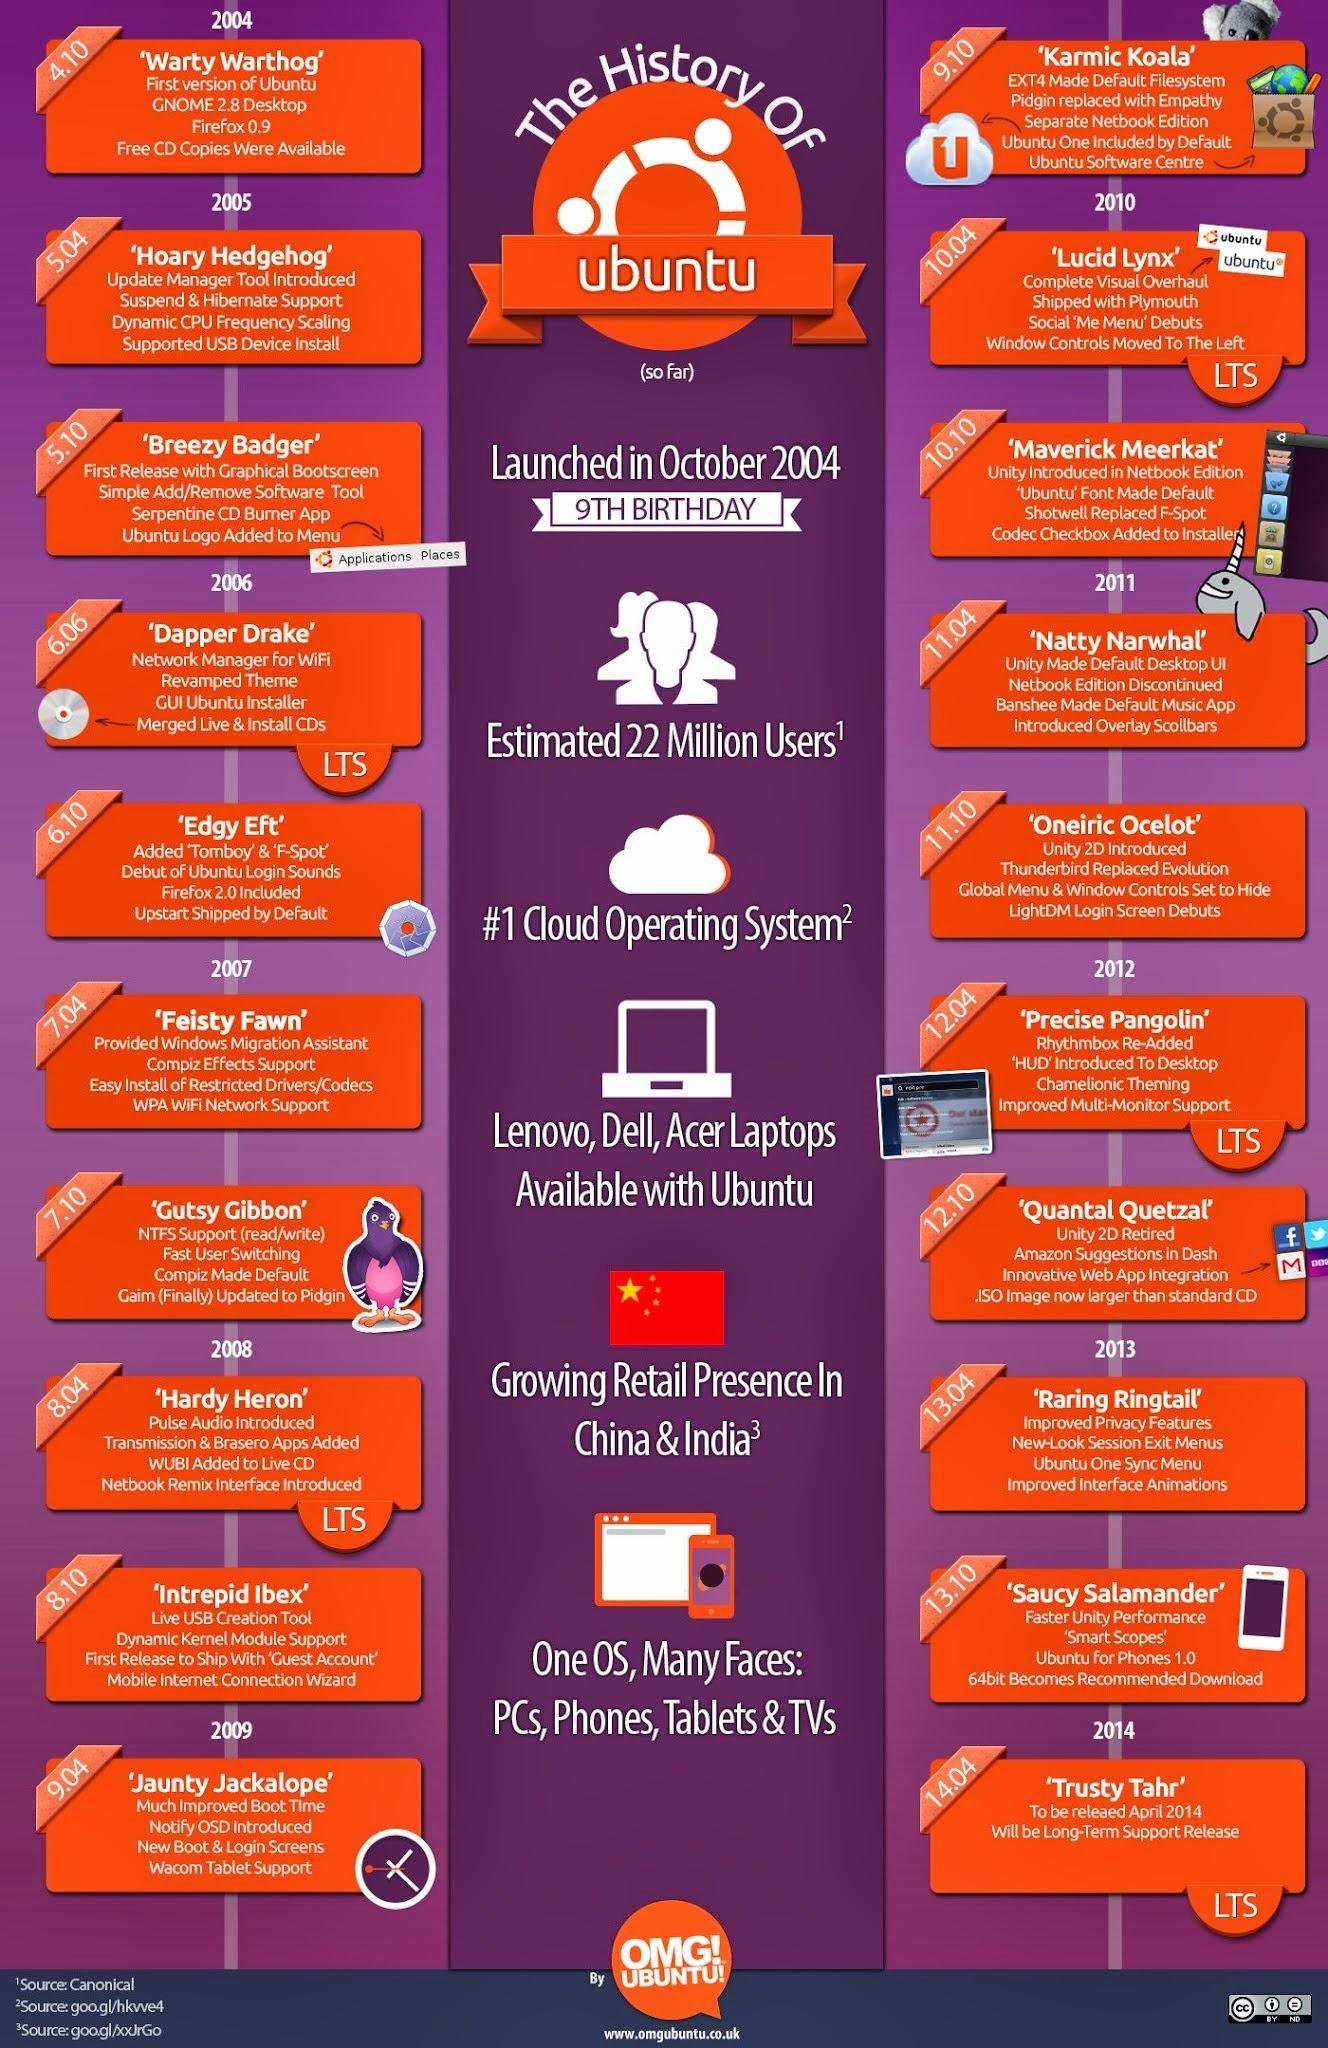 Ubuntu completes 9 Years